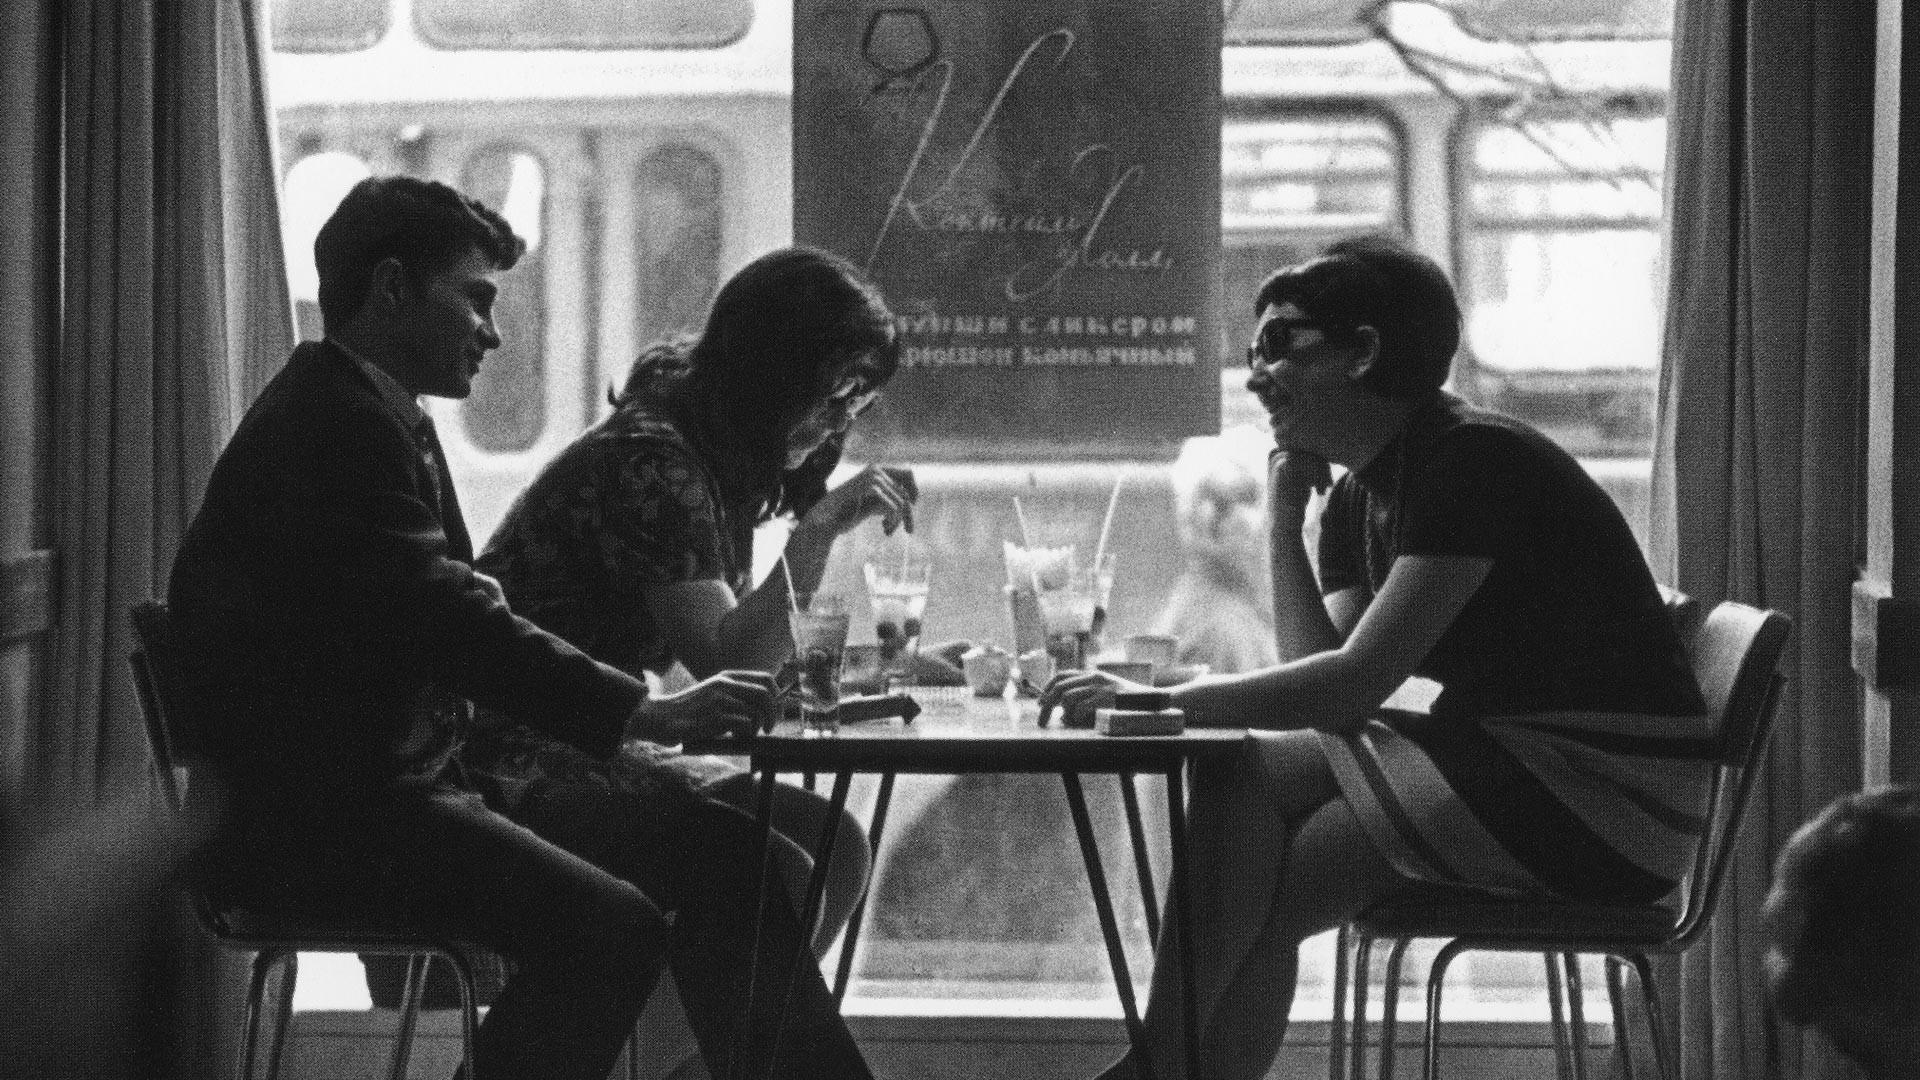 """Jóvenes en Moscú, URSS, bebiendo cócteles en un """"salón de cócteles"""" de estilo occidental"""